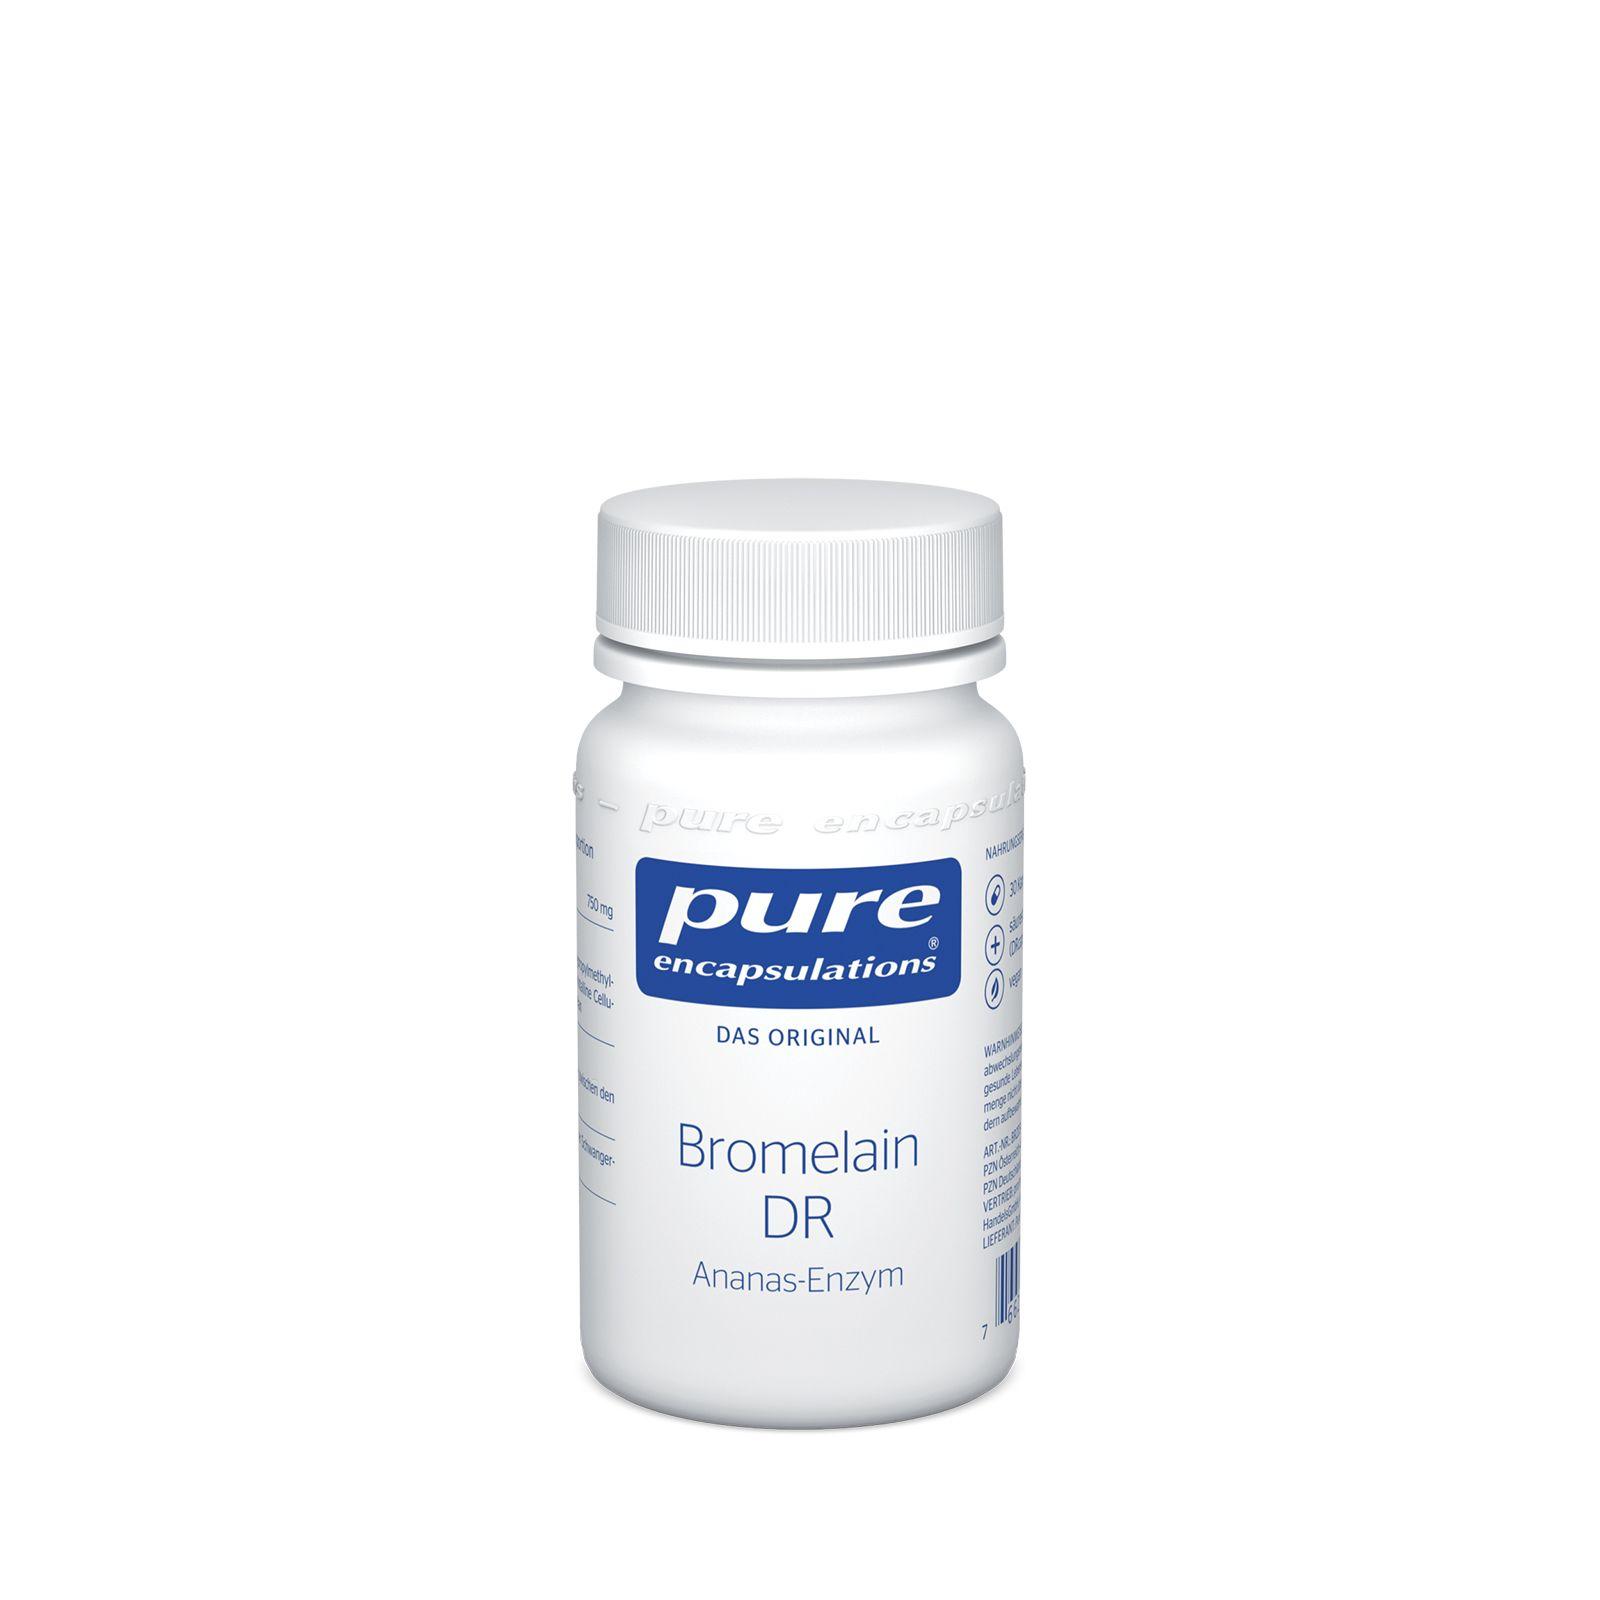 pure encapsulations® Bromelain DR